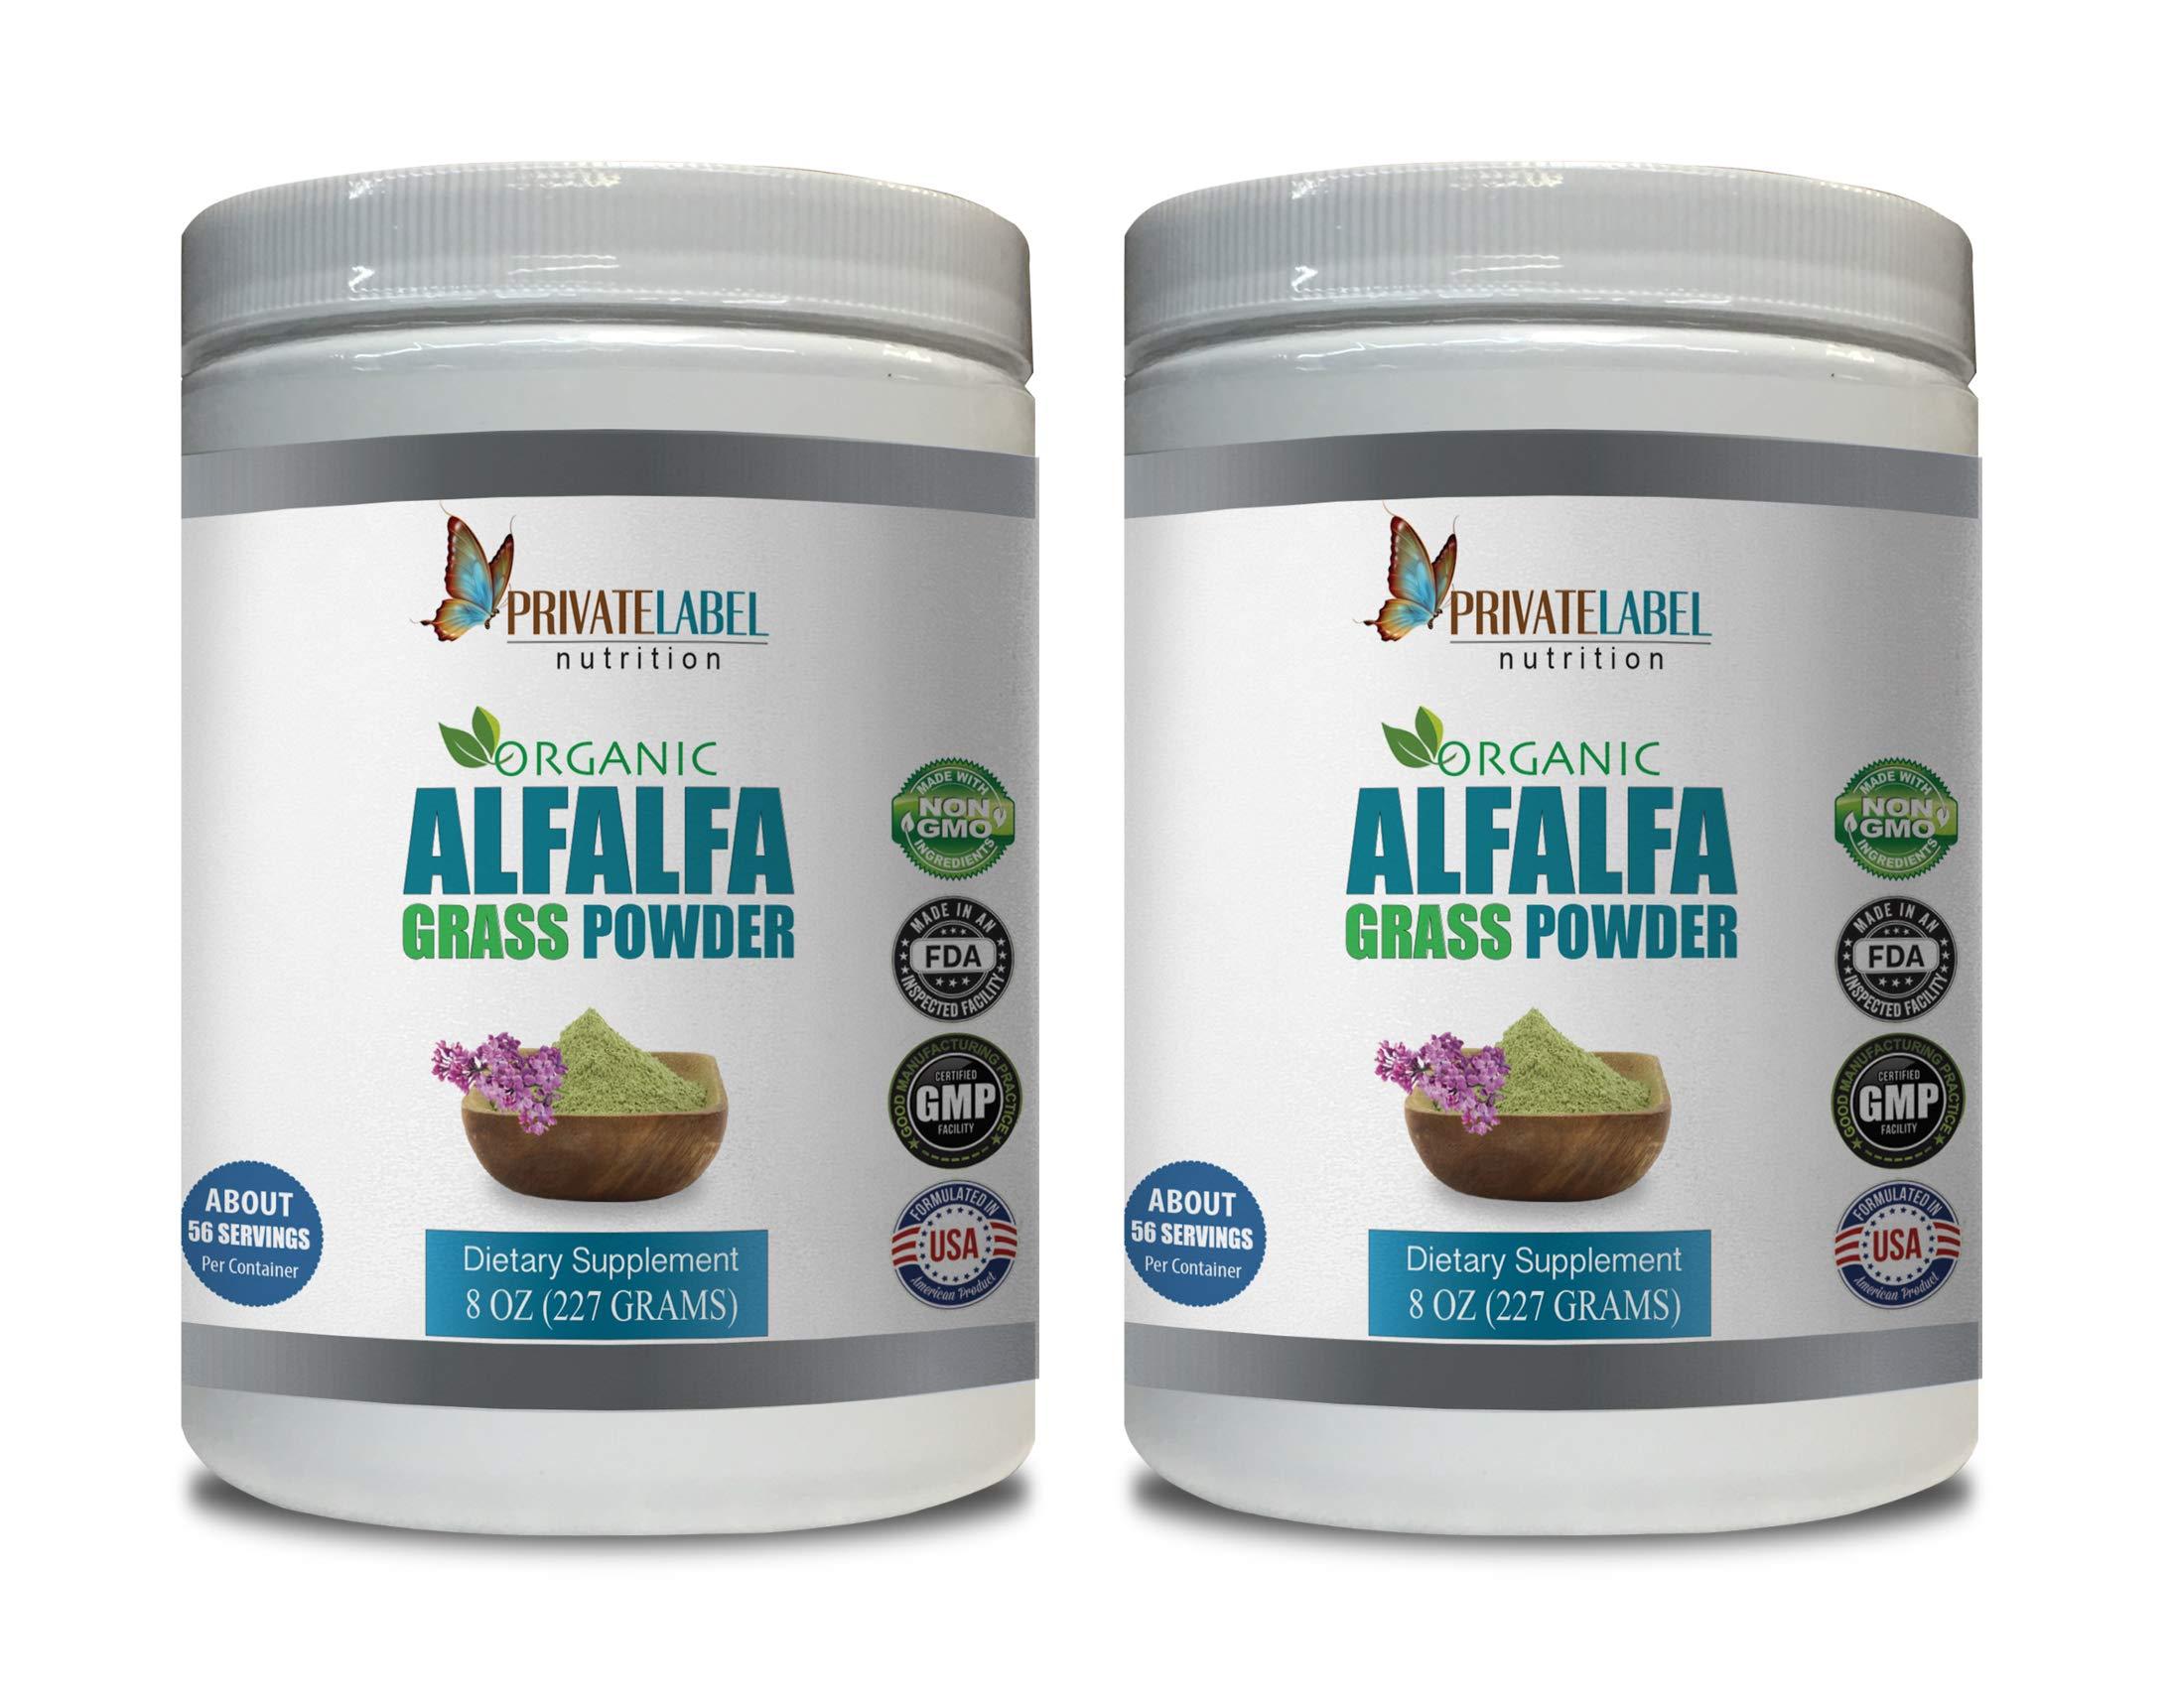 antioxidant Powder Supplement - Alfalfa Grass Organic Powder - Alfalfa Grass Organic Powder - 2 Cans 16 OZ (112 Servings)